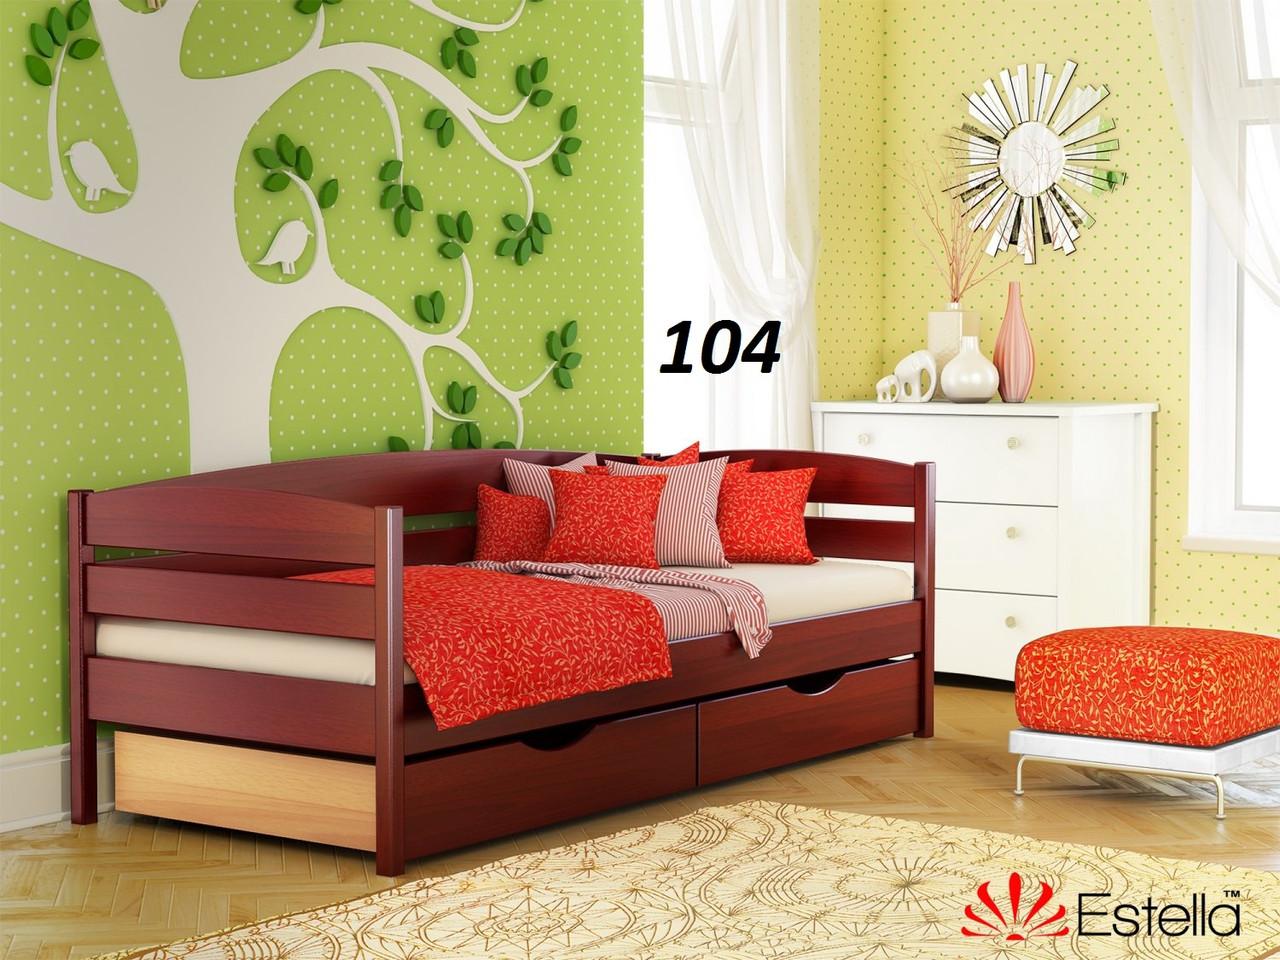 Детская Кровать Нота Плюс Бук Щит 104 (Эстелла-ТМ)